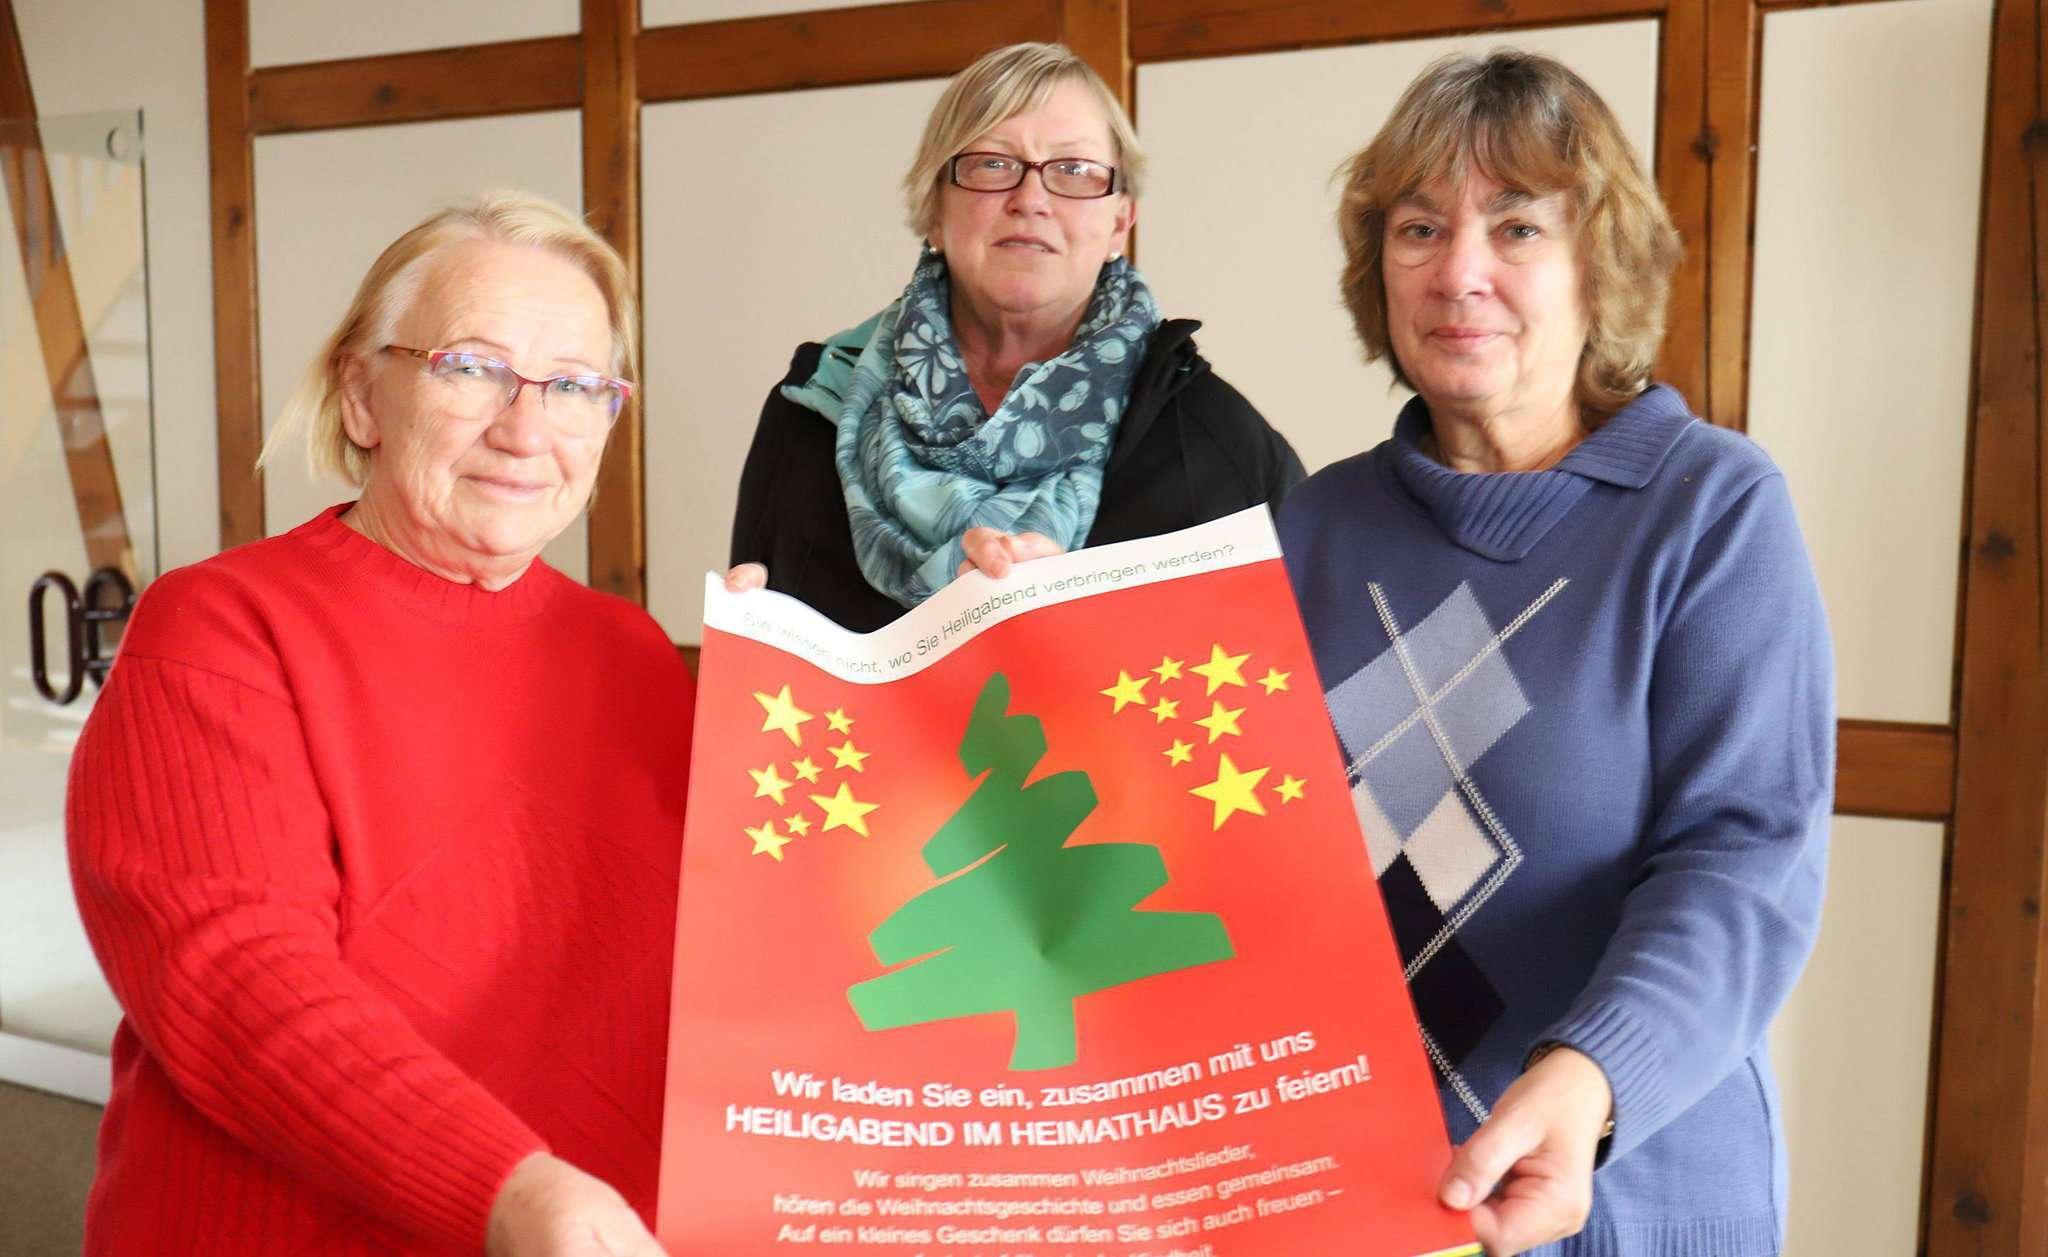 Rosemarie Harms (von links), Hanna Schlüschen und Annette Strahlheim freuen sich auf viele Gäste am Heiligen Abend im Heimathaus.